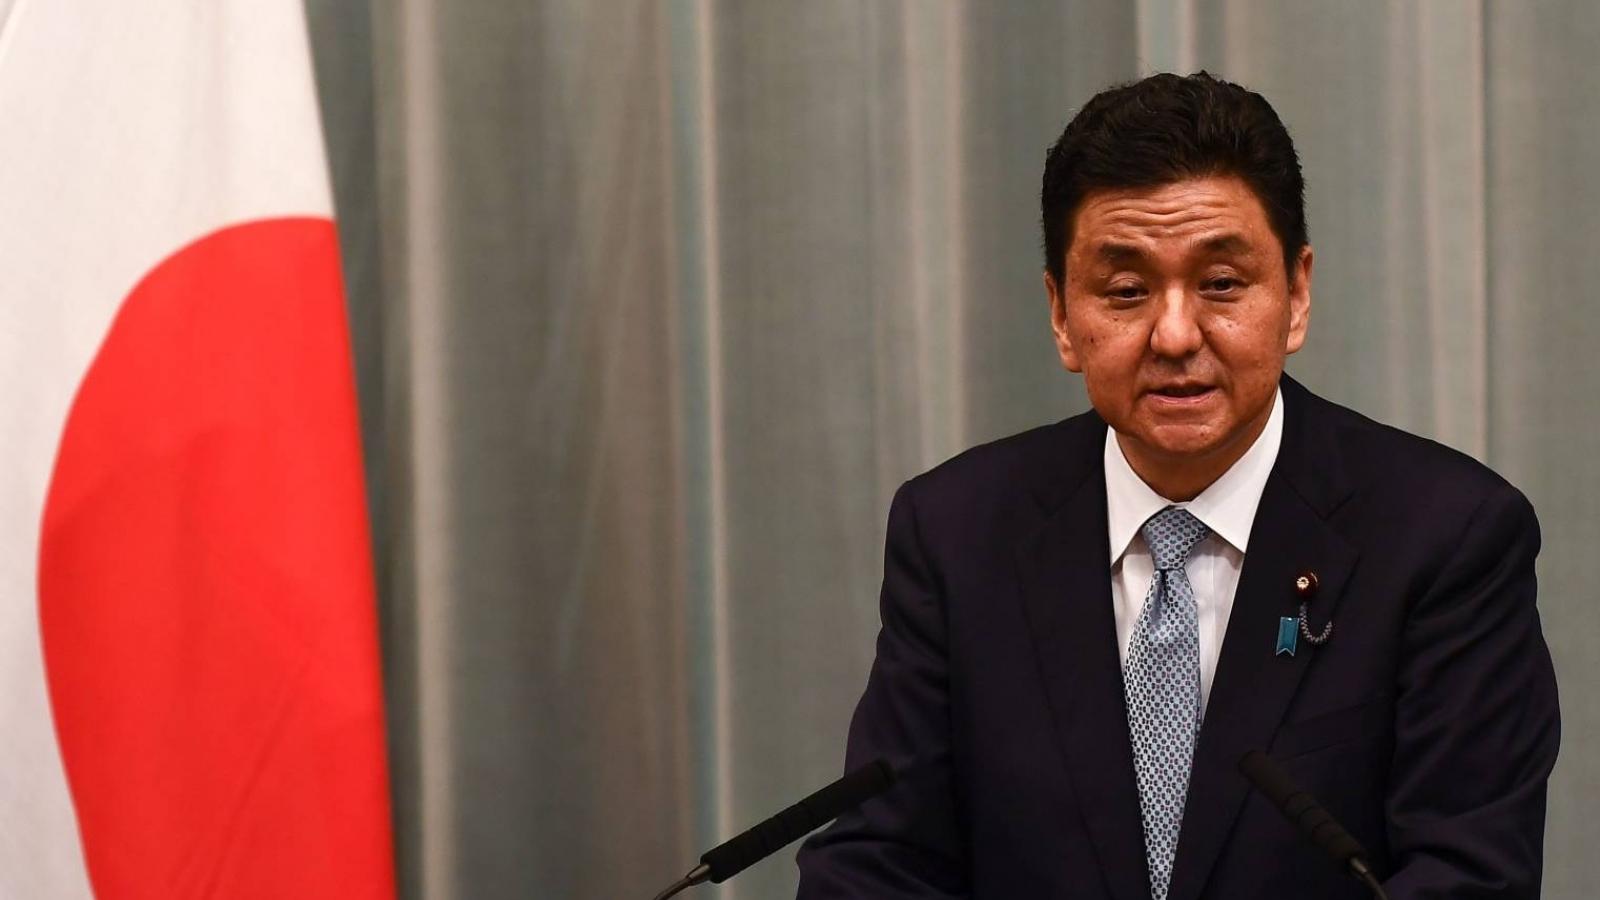 Nhật Bản muốn cộng đồng quốc tế hiểu rõ bản chất Luật Hải cảnh Trung Quốc